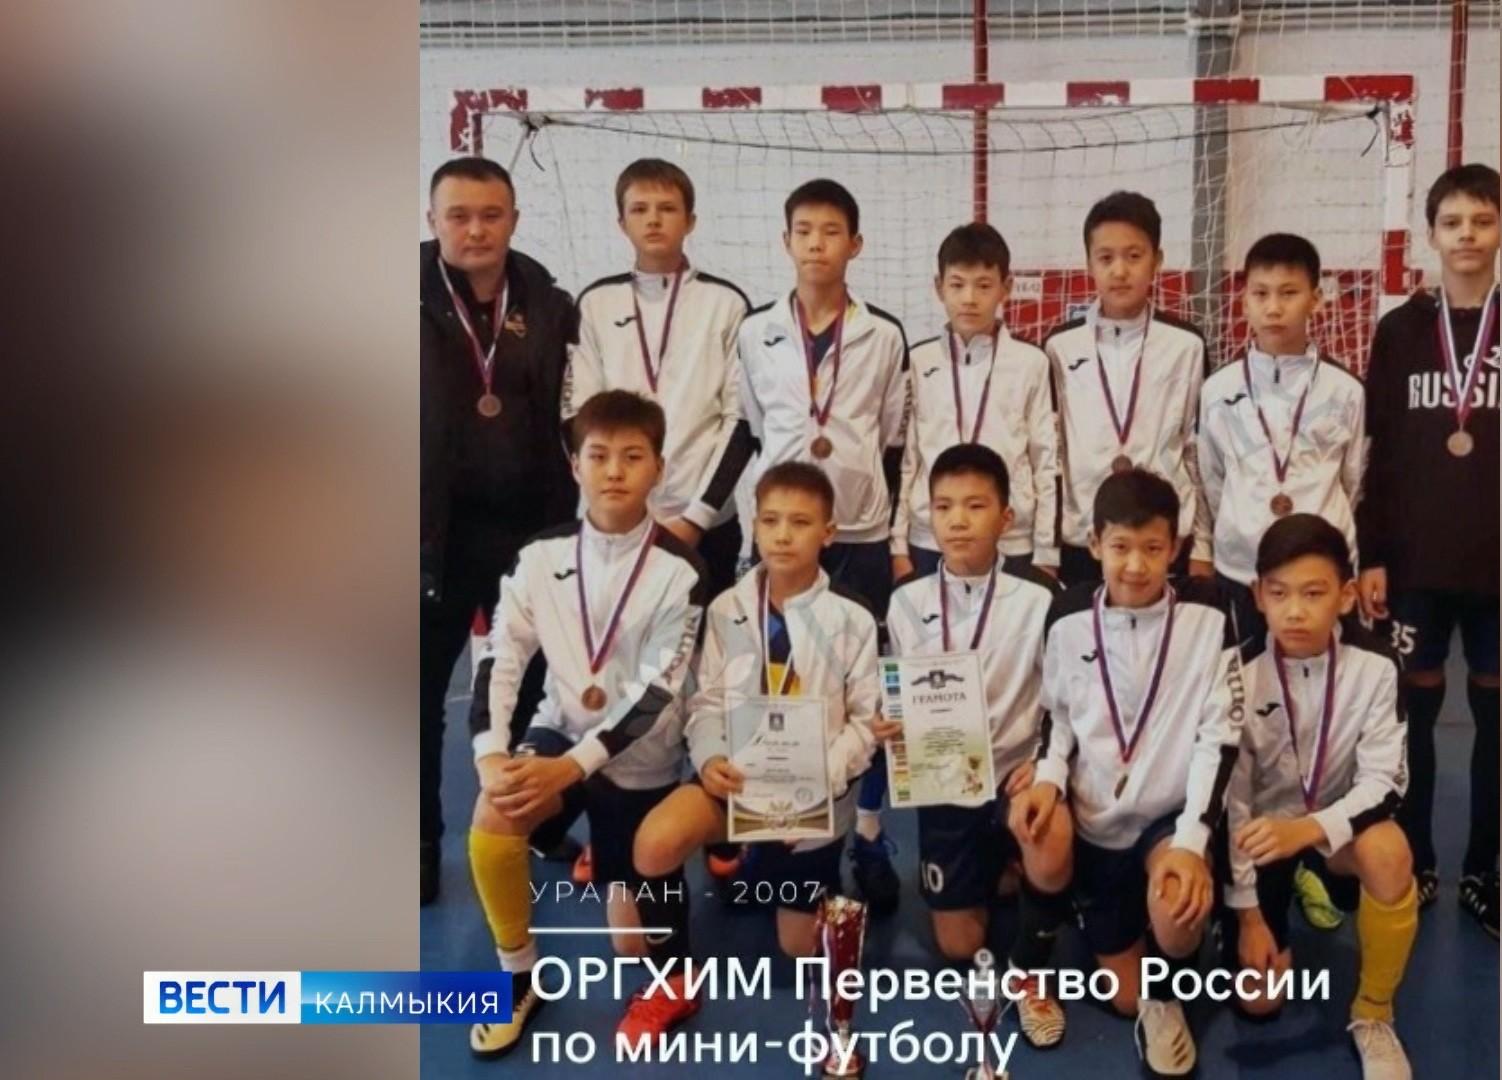 Юные футболисты из Калмыкии заняли третье место в округе